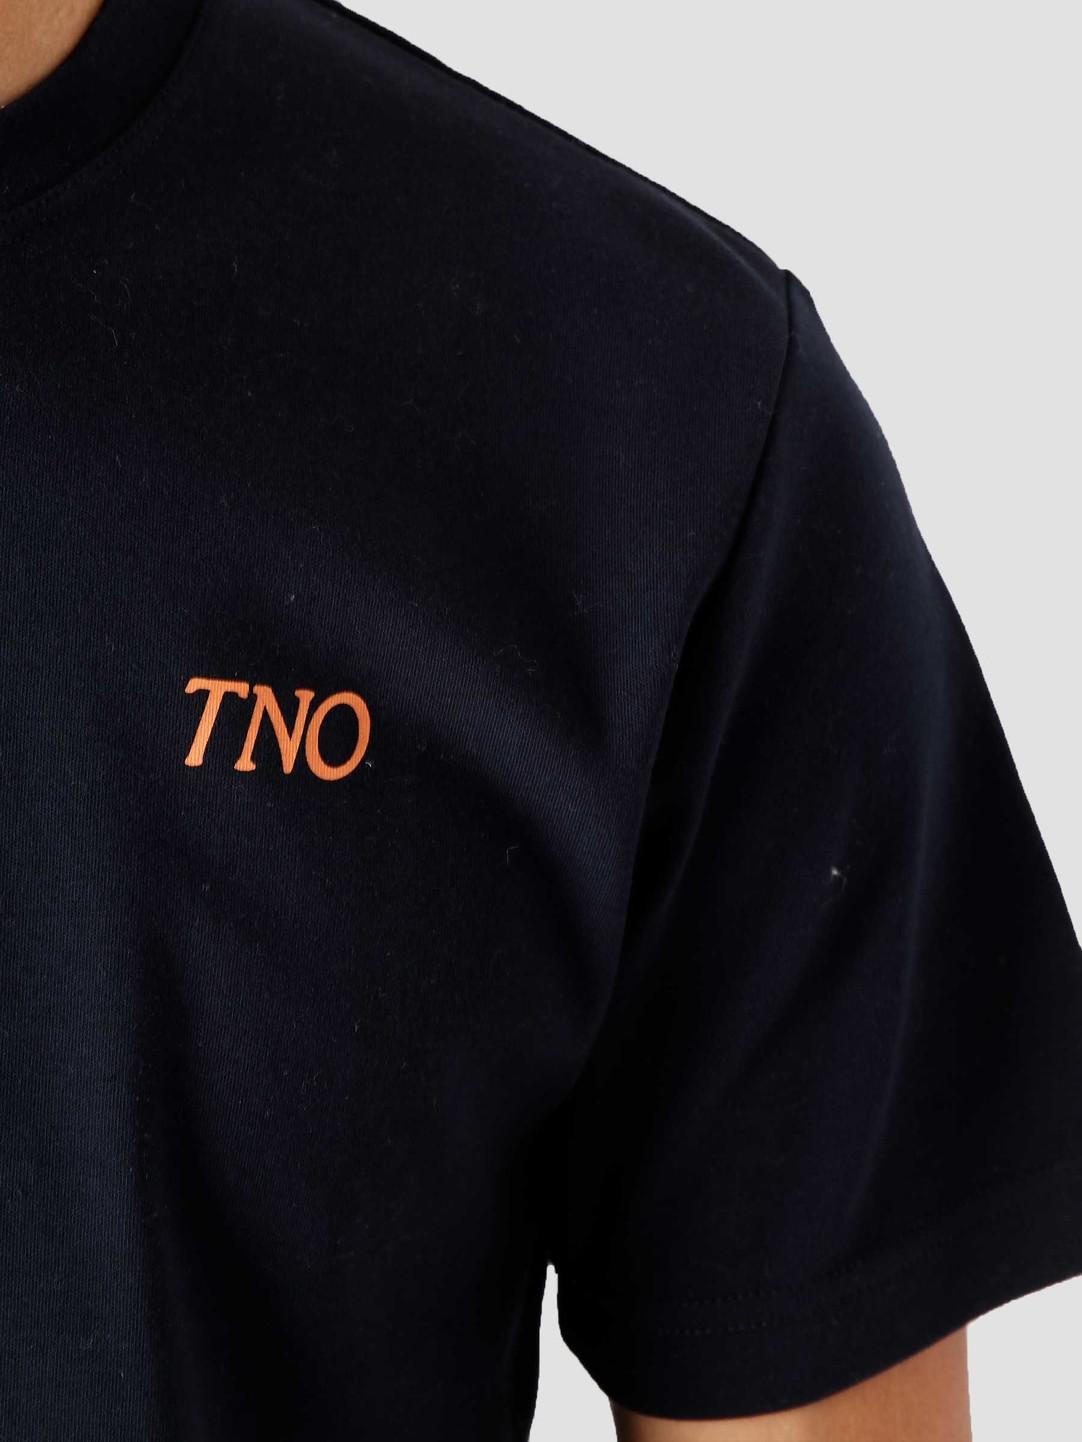 The New Originals The New Originals CATNA Tee Navy